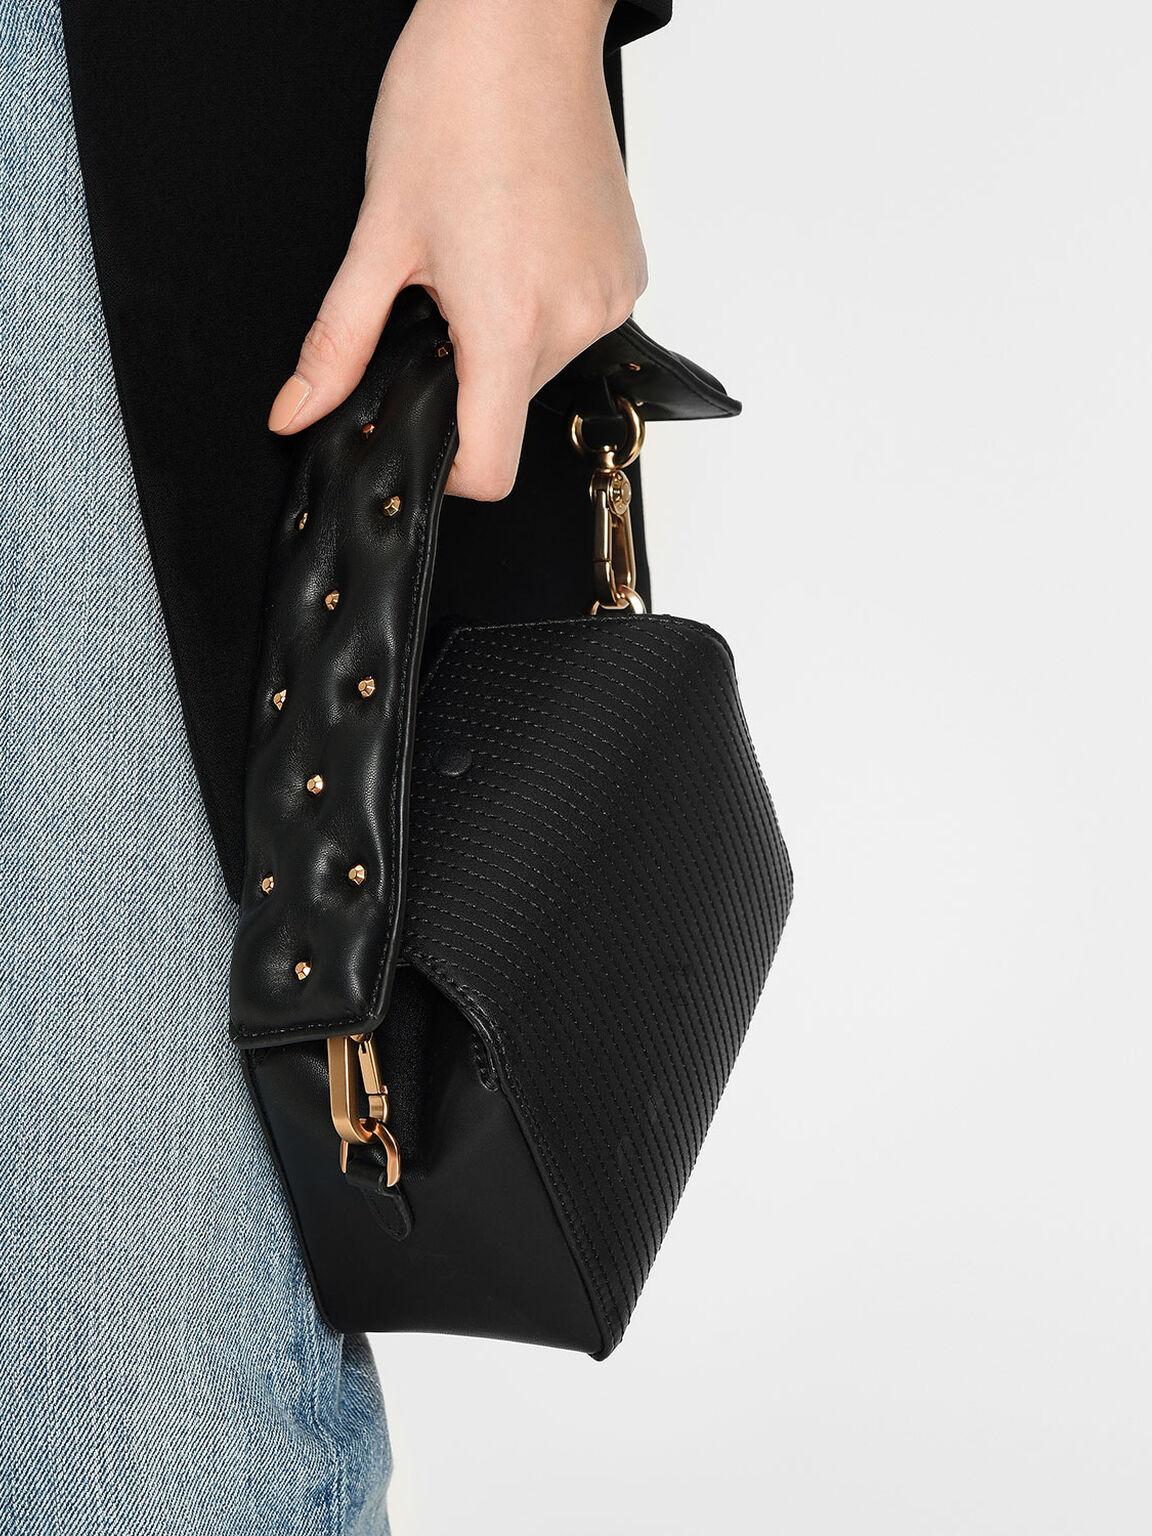 Embellished Wide Mini Strap, Black, hi-res